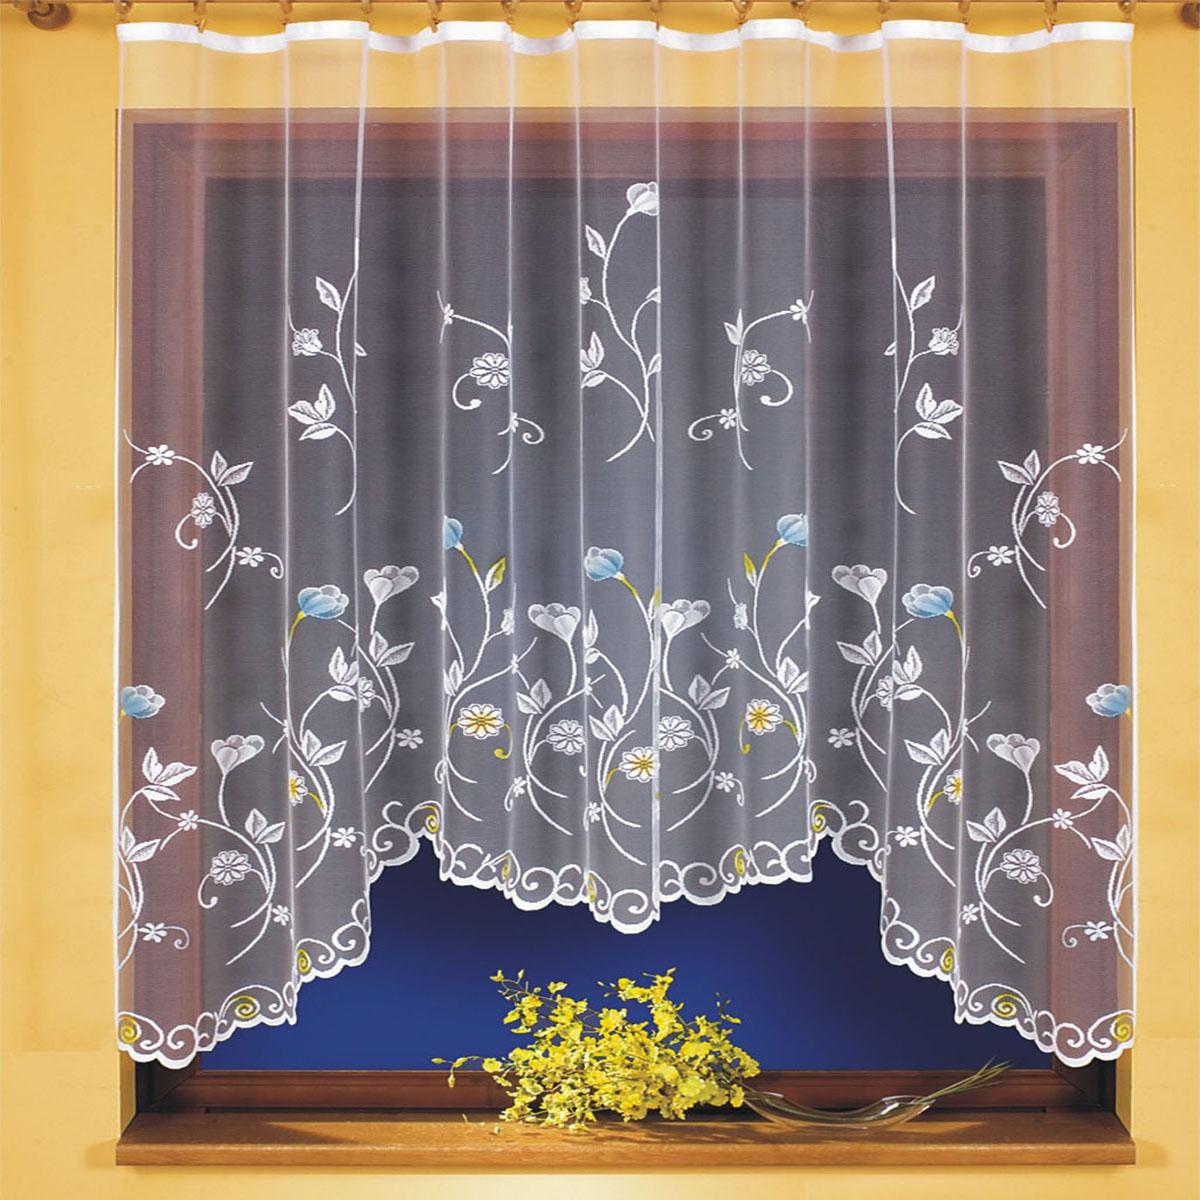 Гардина Wisan, цвет: белый, ширина 220 см, высота 160 см. 96989698вид крепления - под зажимы для штор Размеры: 220*160